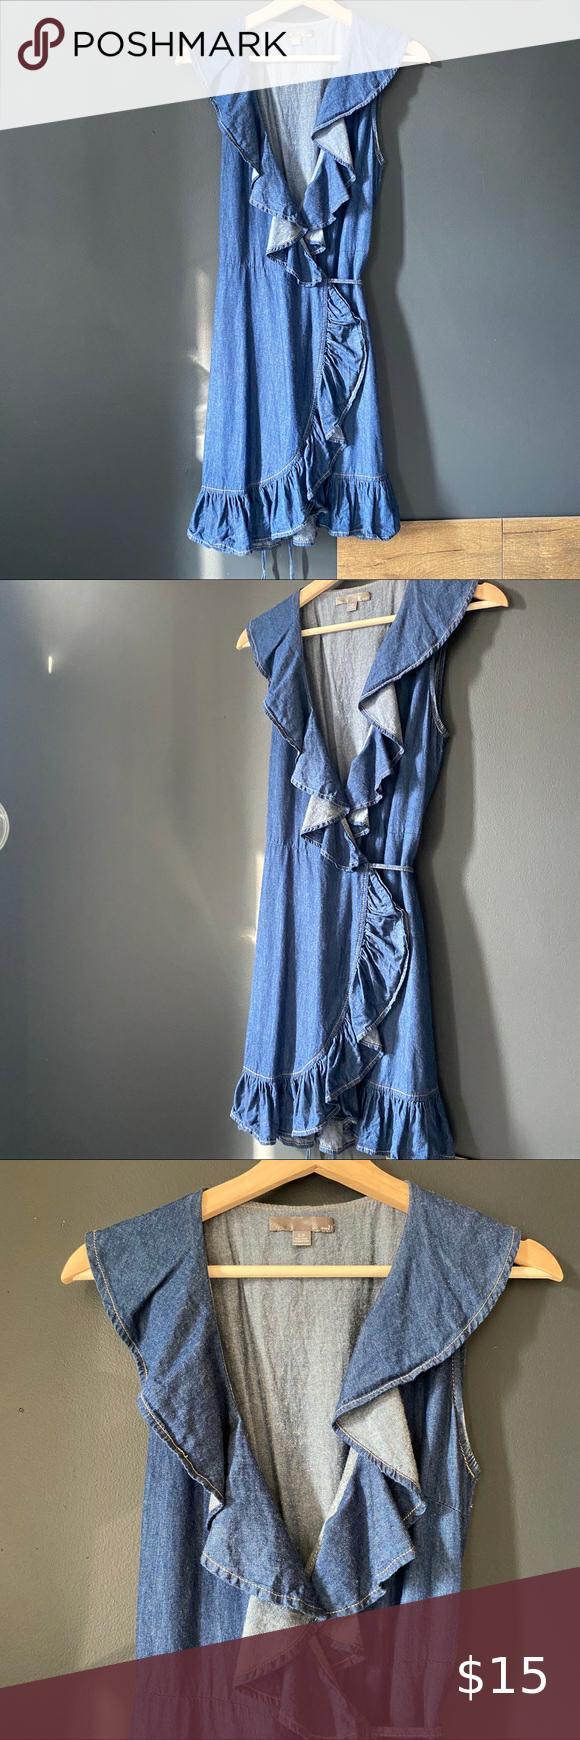 3 20 Rue21 Wrap Denim Dress Ruffled Dress Women Dress Size Chart Women Denim Overall Dress [ 1740 x 580 Pixel ]